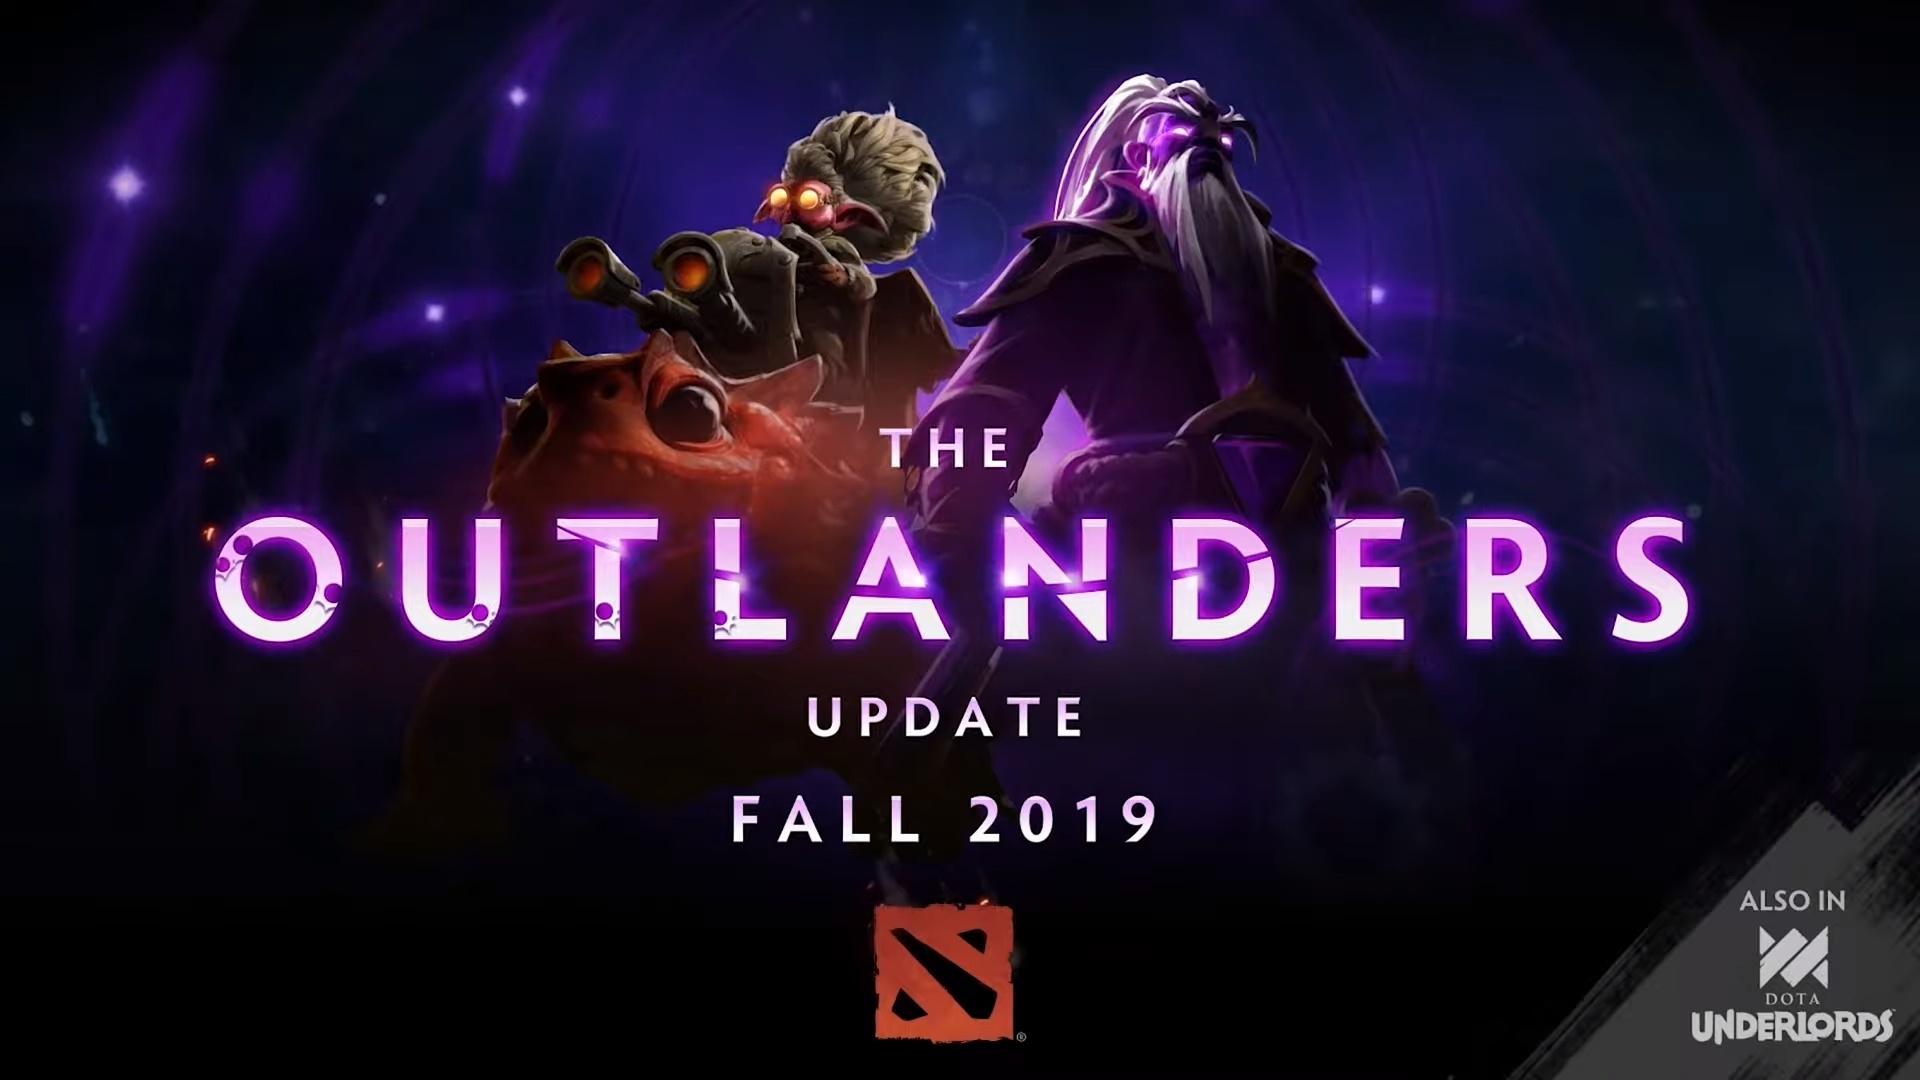 В Dota 2 вышло обновление The Outlanders